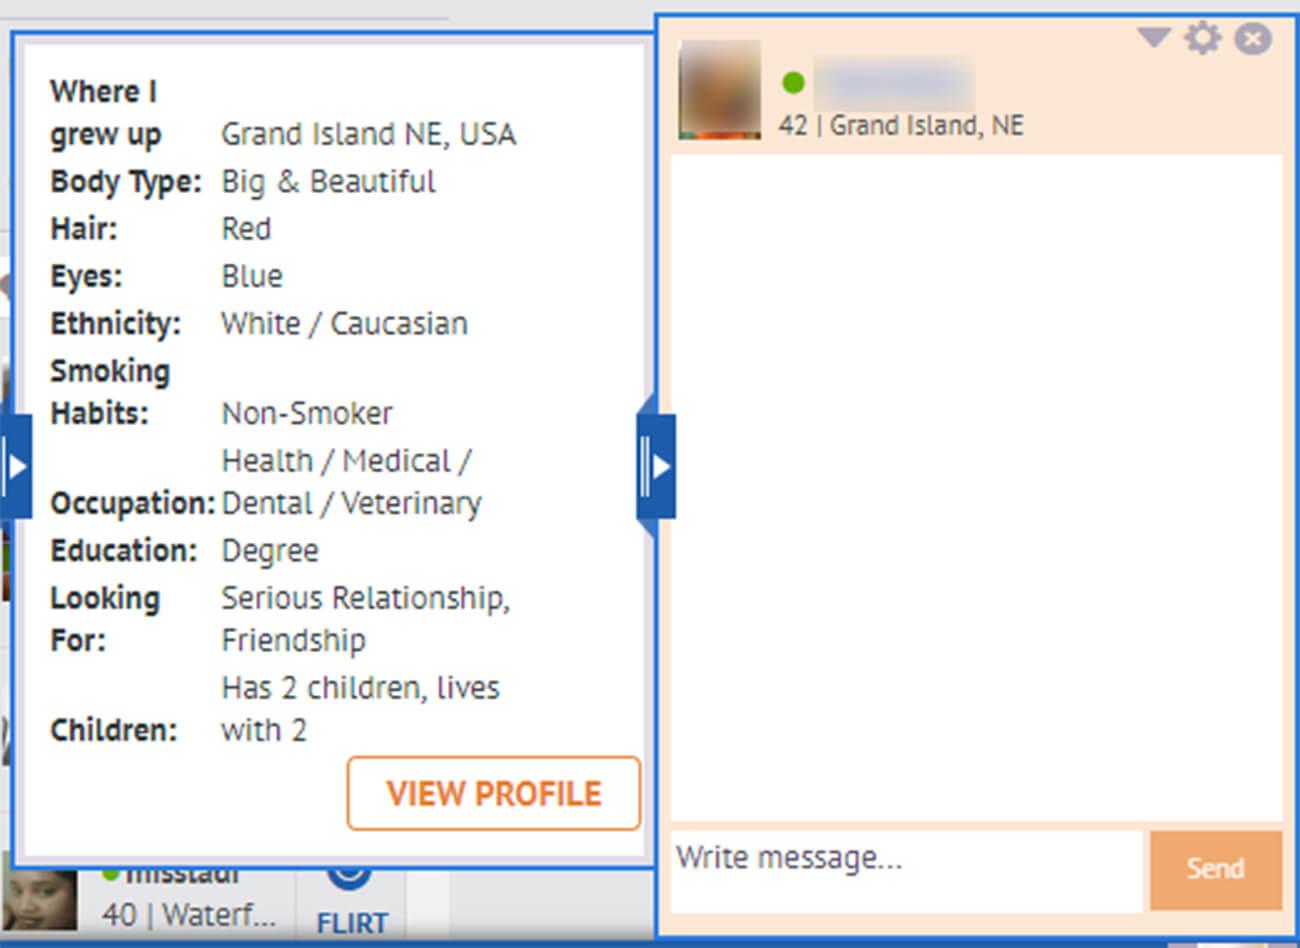 InterracialPeopleMeet Messaging